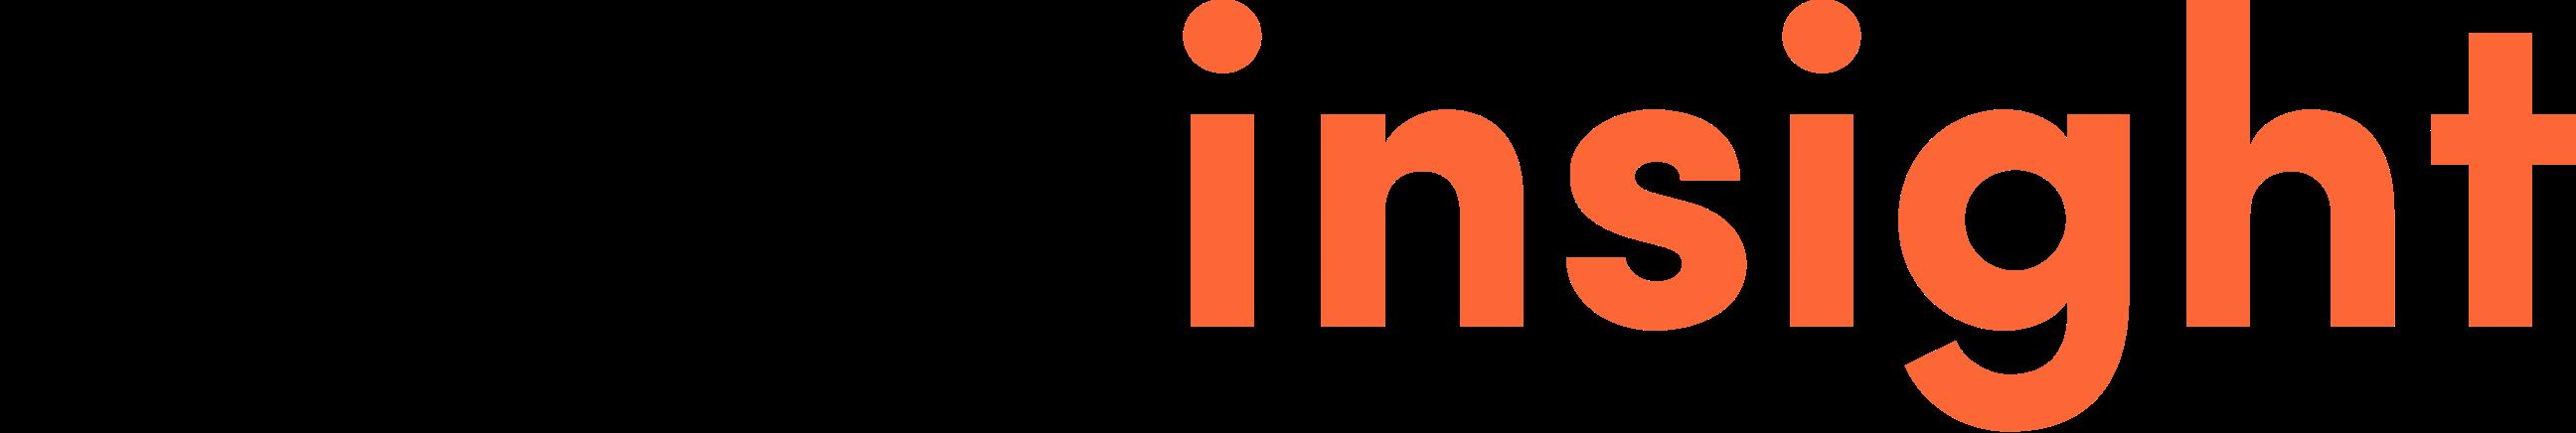 Fiber Insight logo